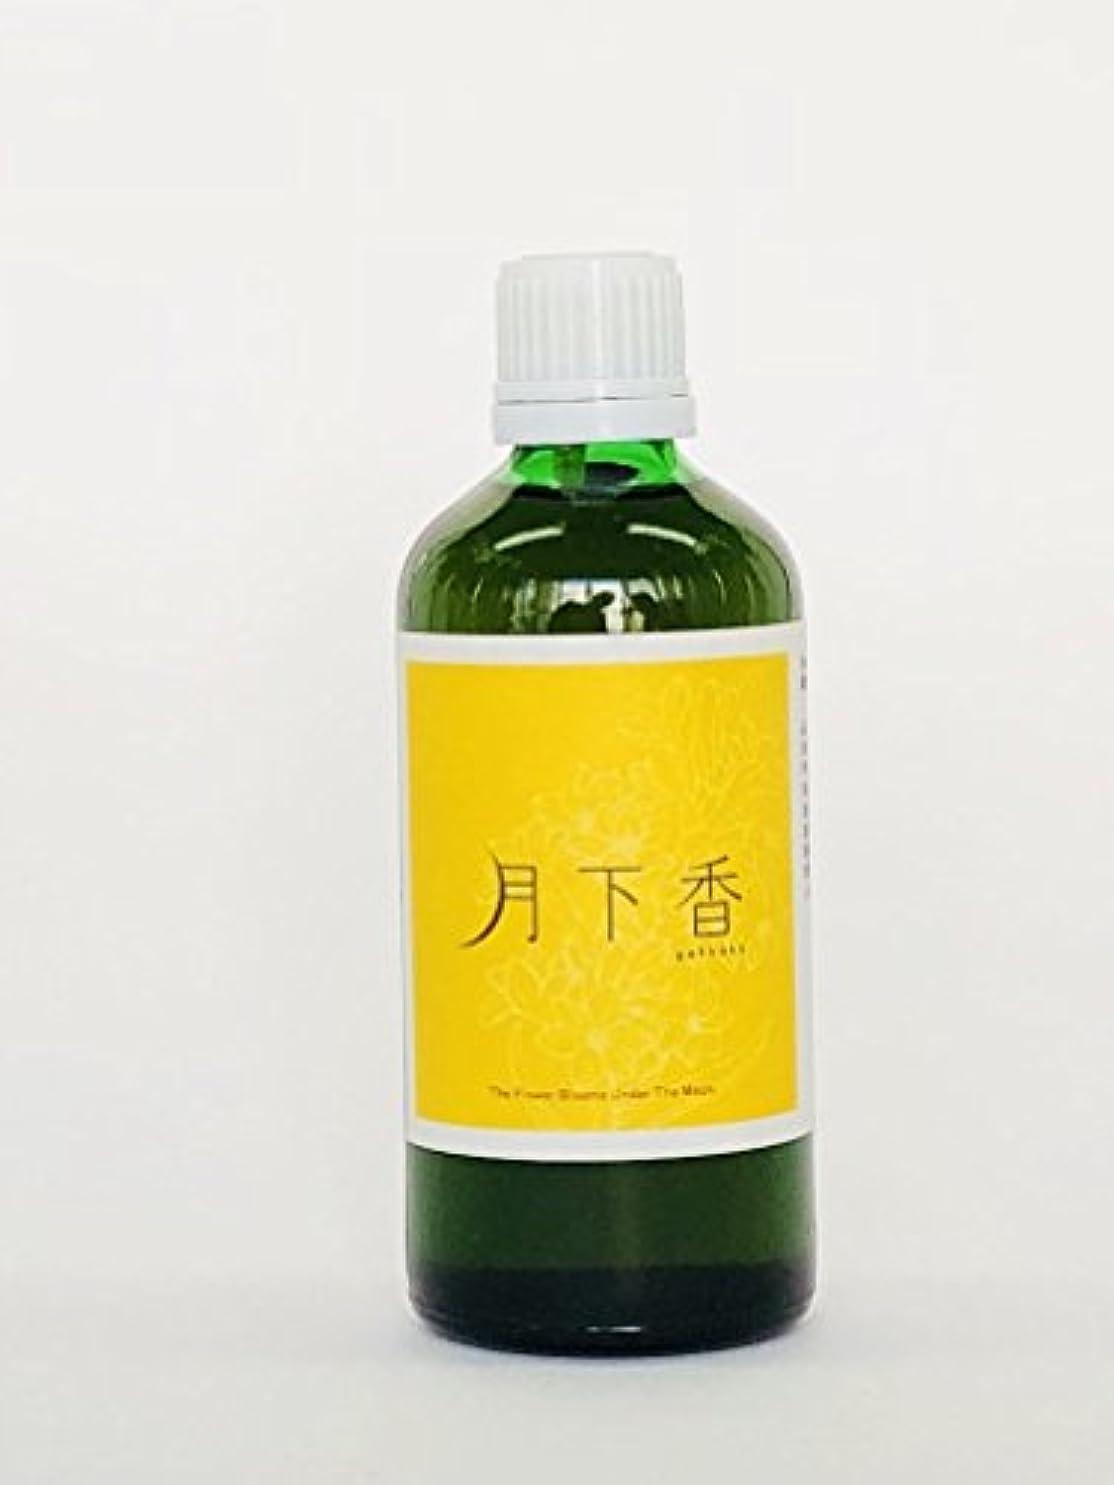 ユーザーラジウム留まる<月下香>エッセンシャルオイル/アロマ/ベルガモット【100ml】 (100ml)